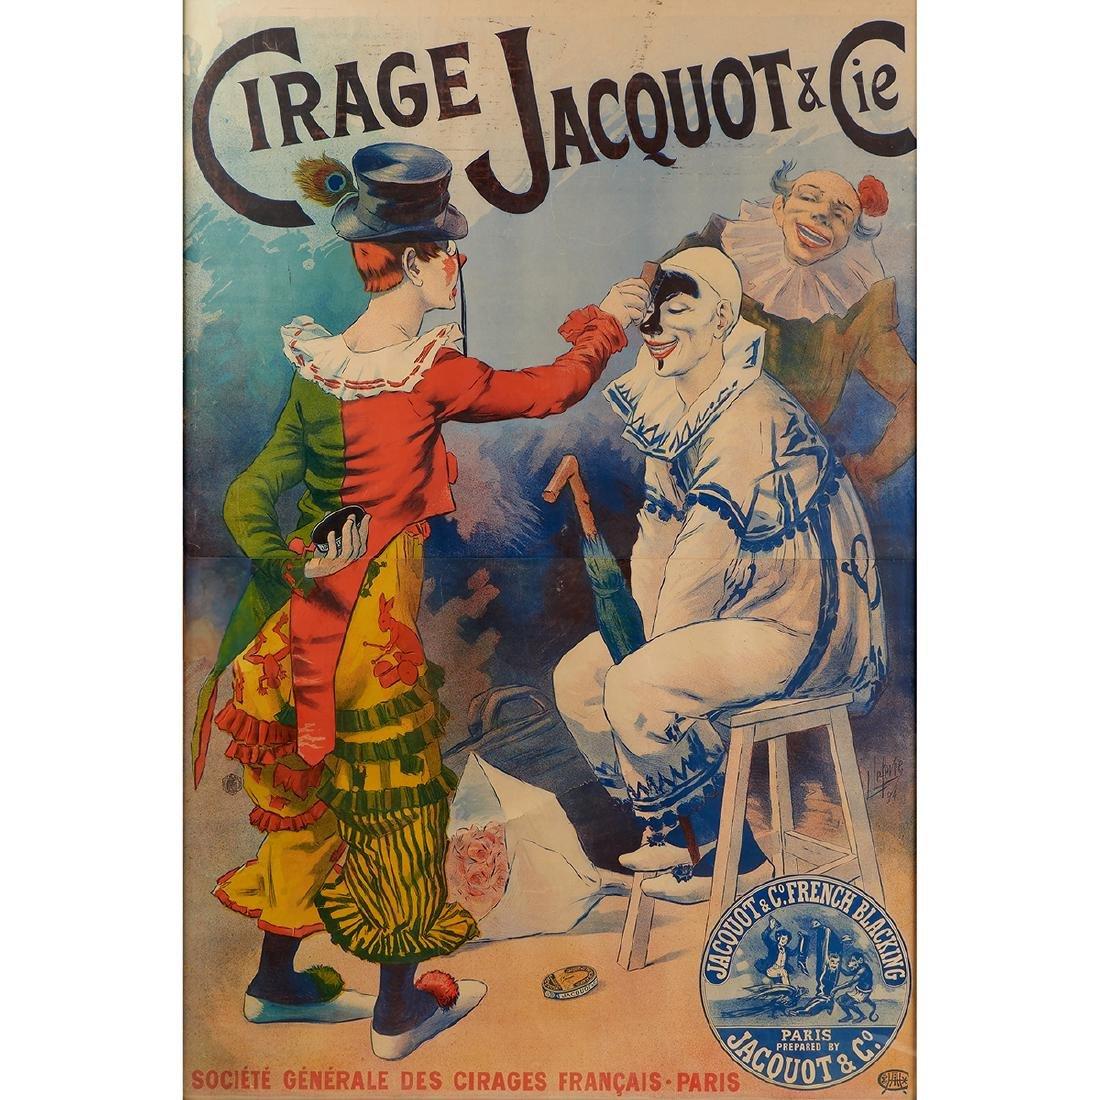 Lucien Lefevre, Cirage Jacquot & Cie